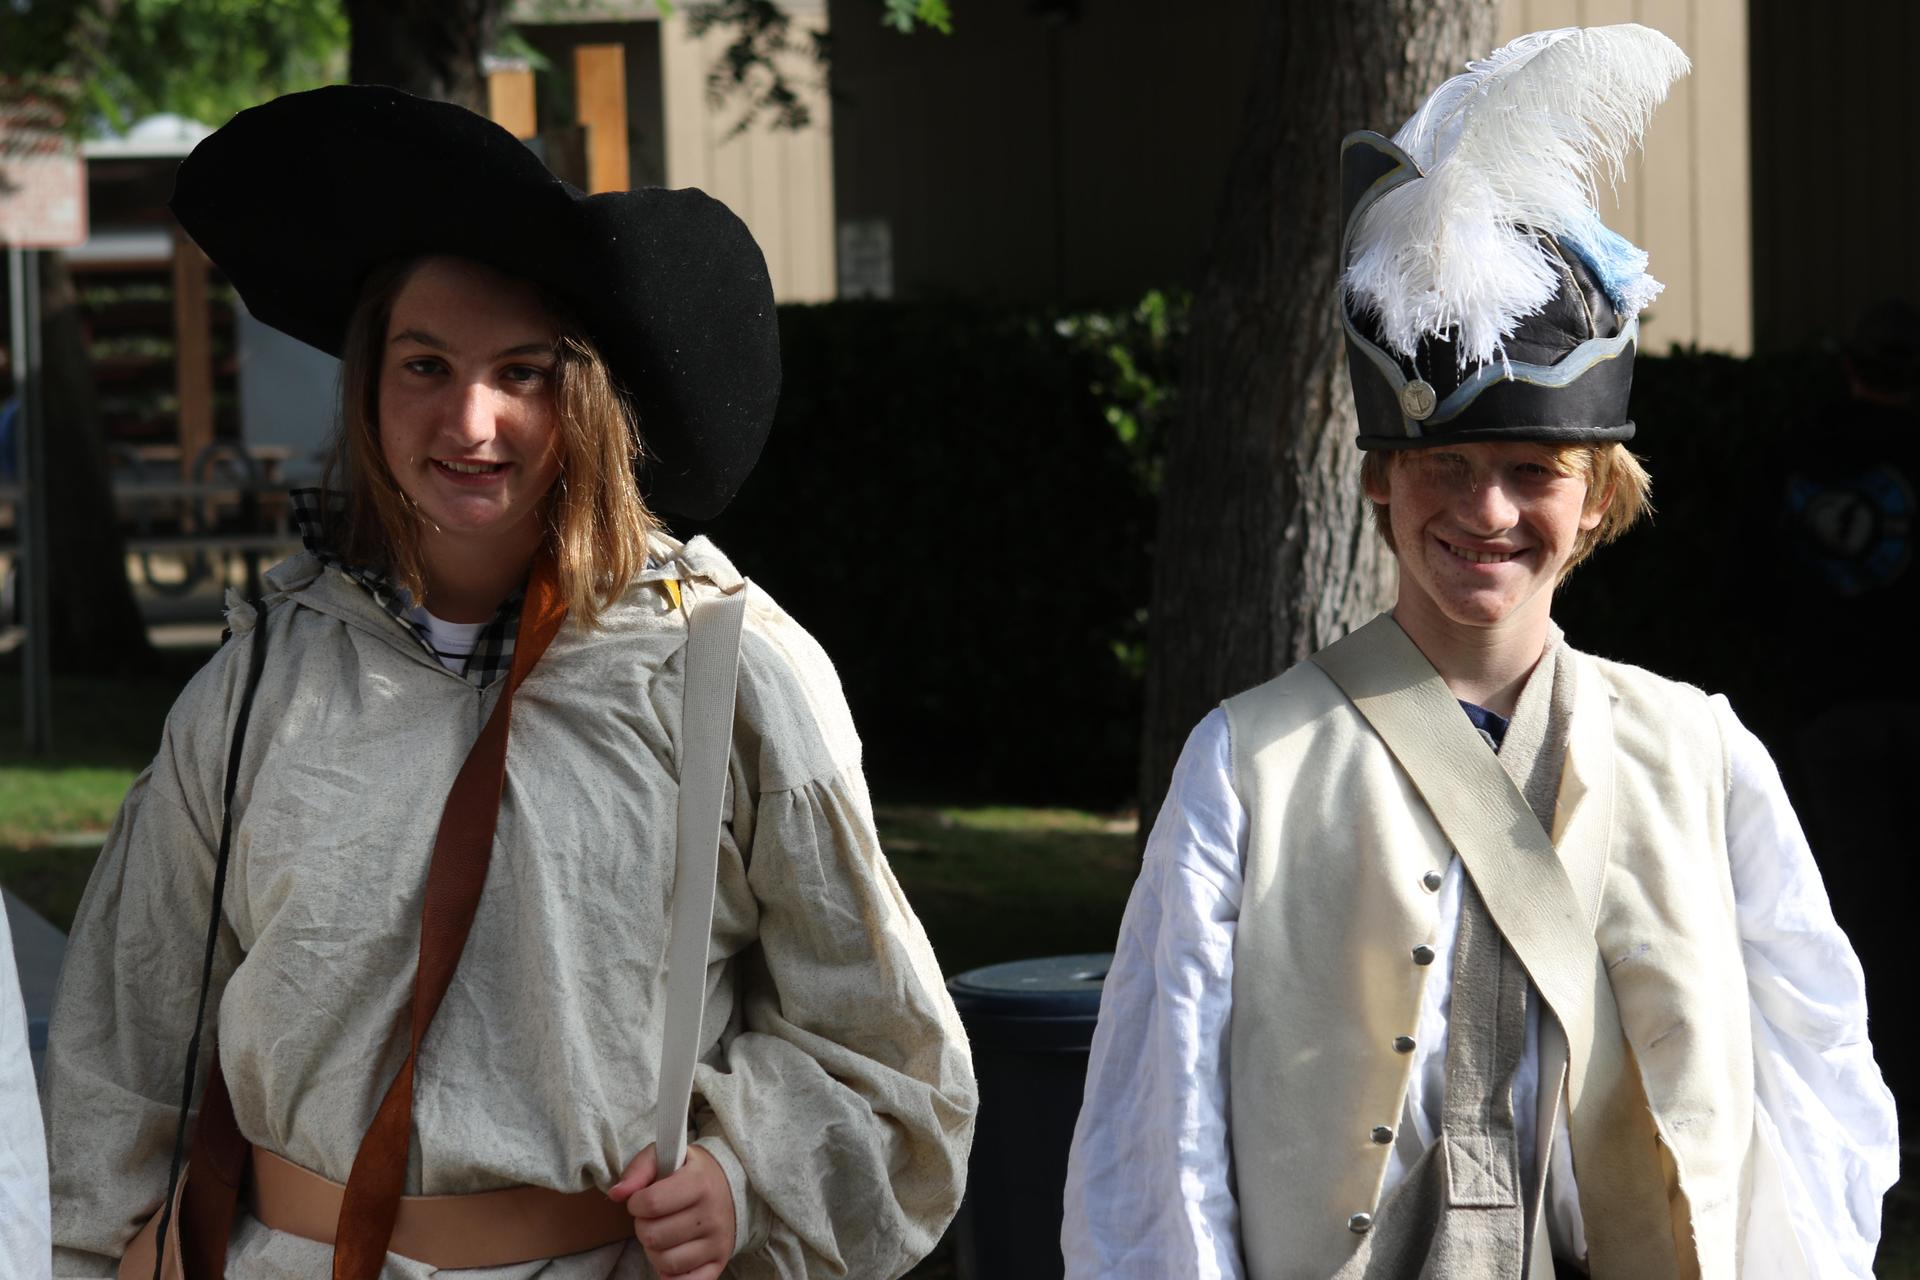 中学生穿着正宗的殖民服装.